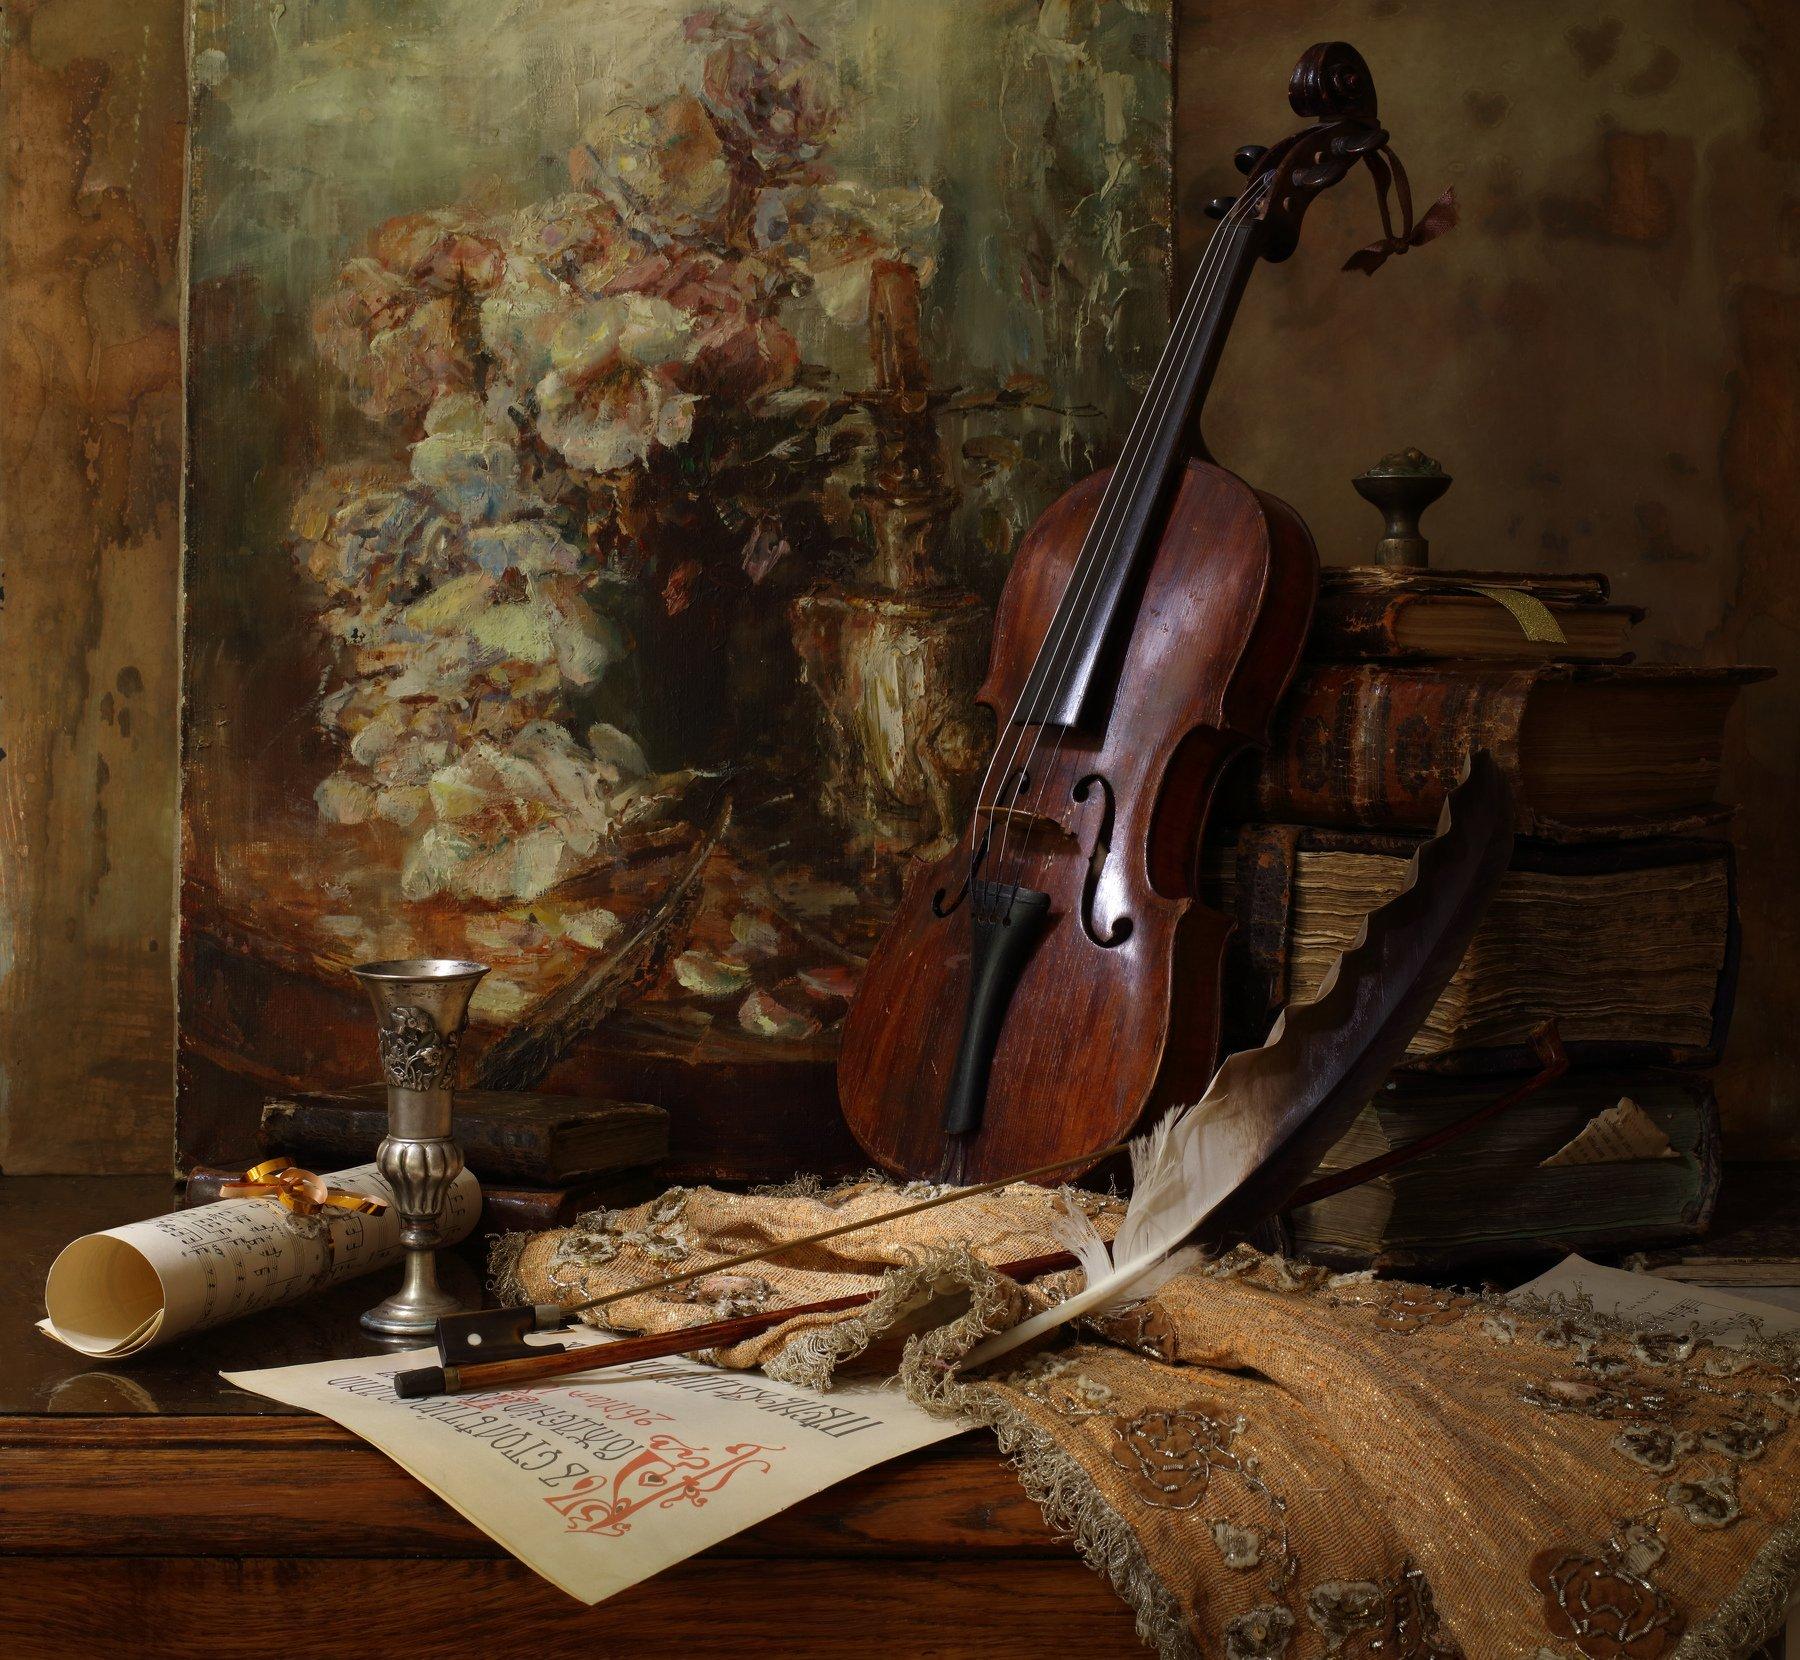 скрипка, музыка, картина, книги, Андрей Морозов